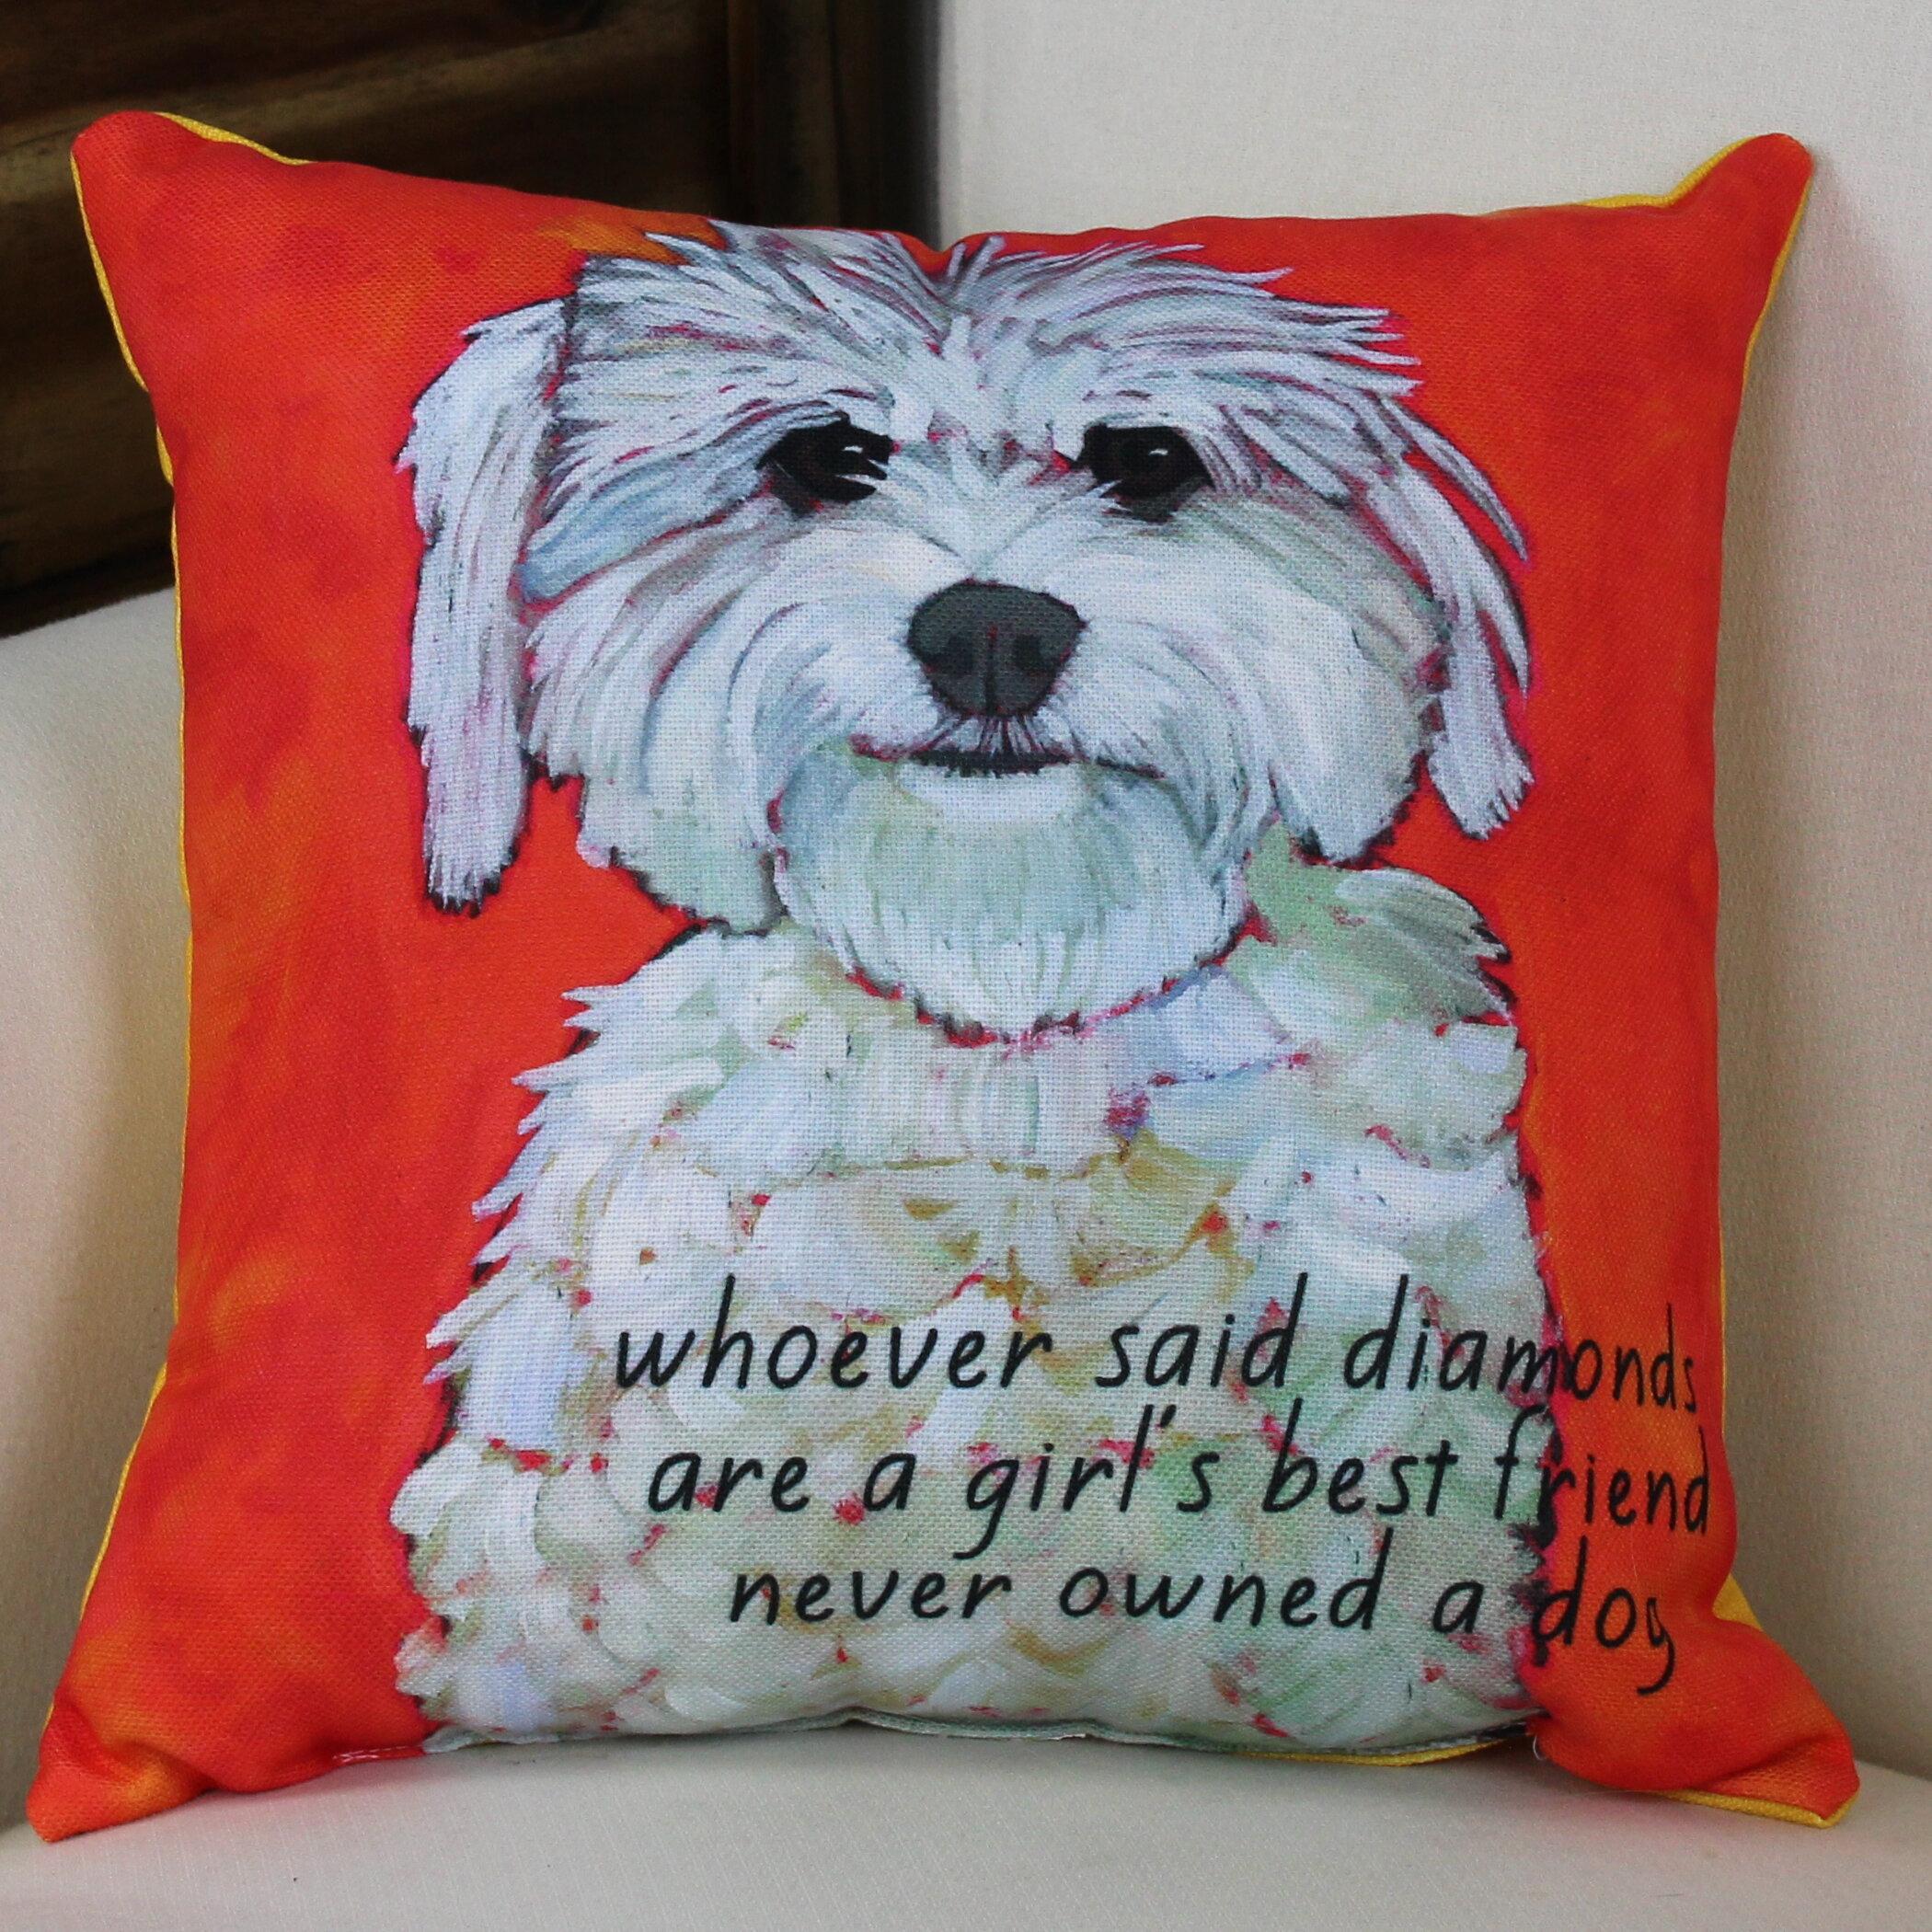 Winston Porter Kaelan Girl S Best Friend Throw Pillow Reviews Wayfair